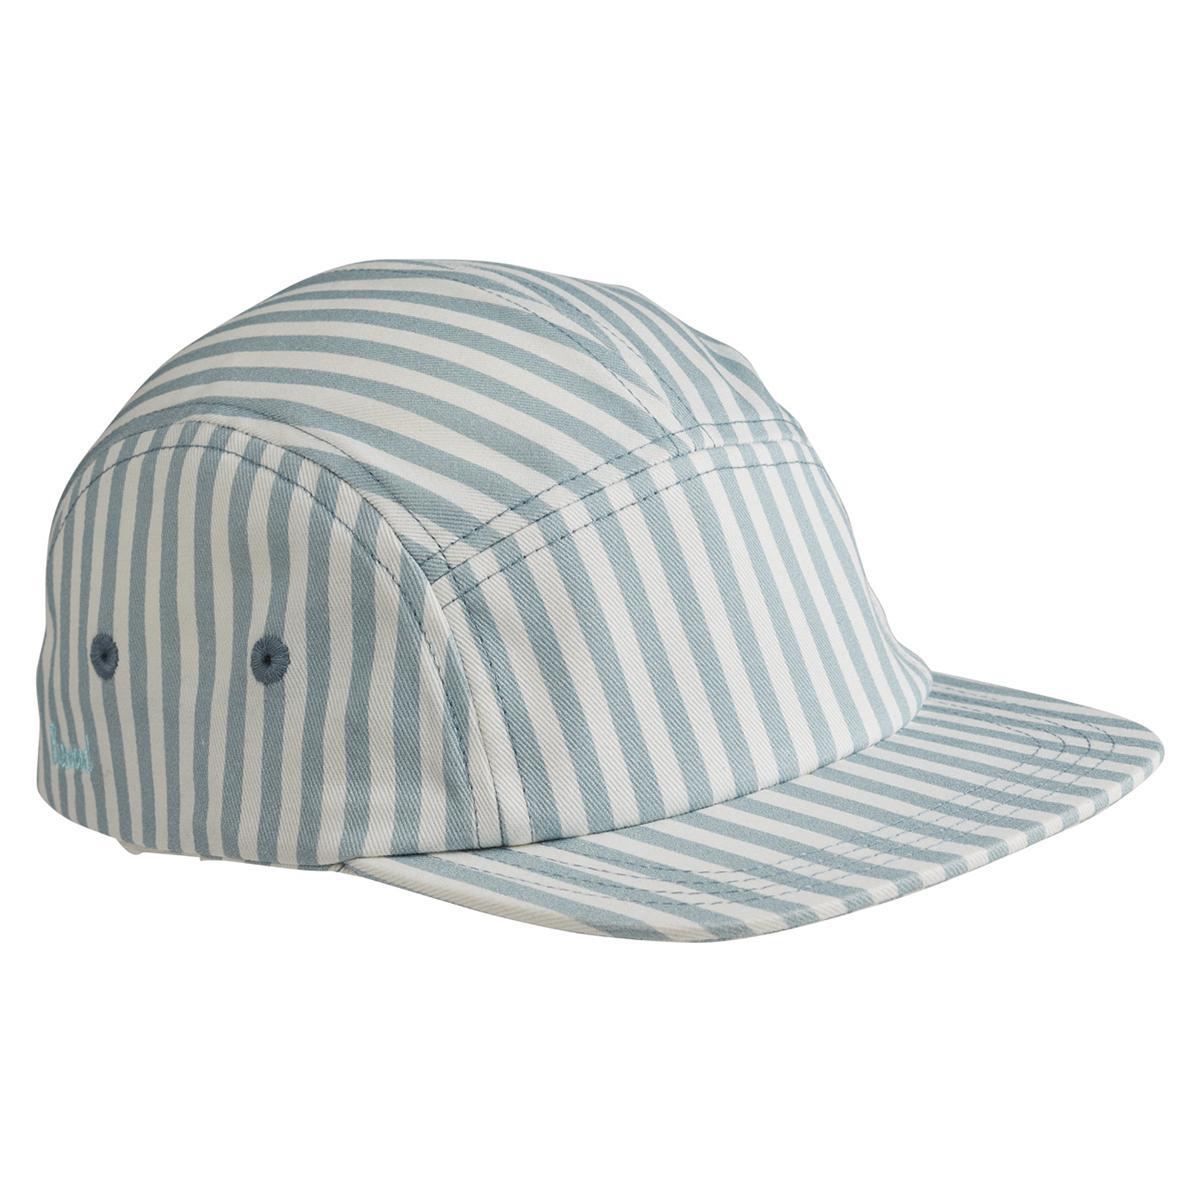 Accessoires bébé Casquette Rory Stripe Sea Blue & White - 1/2 Ans